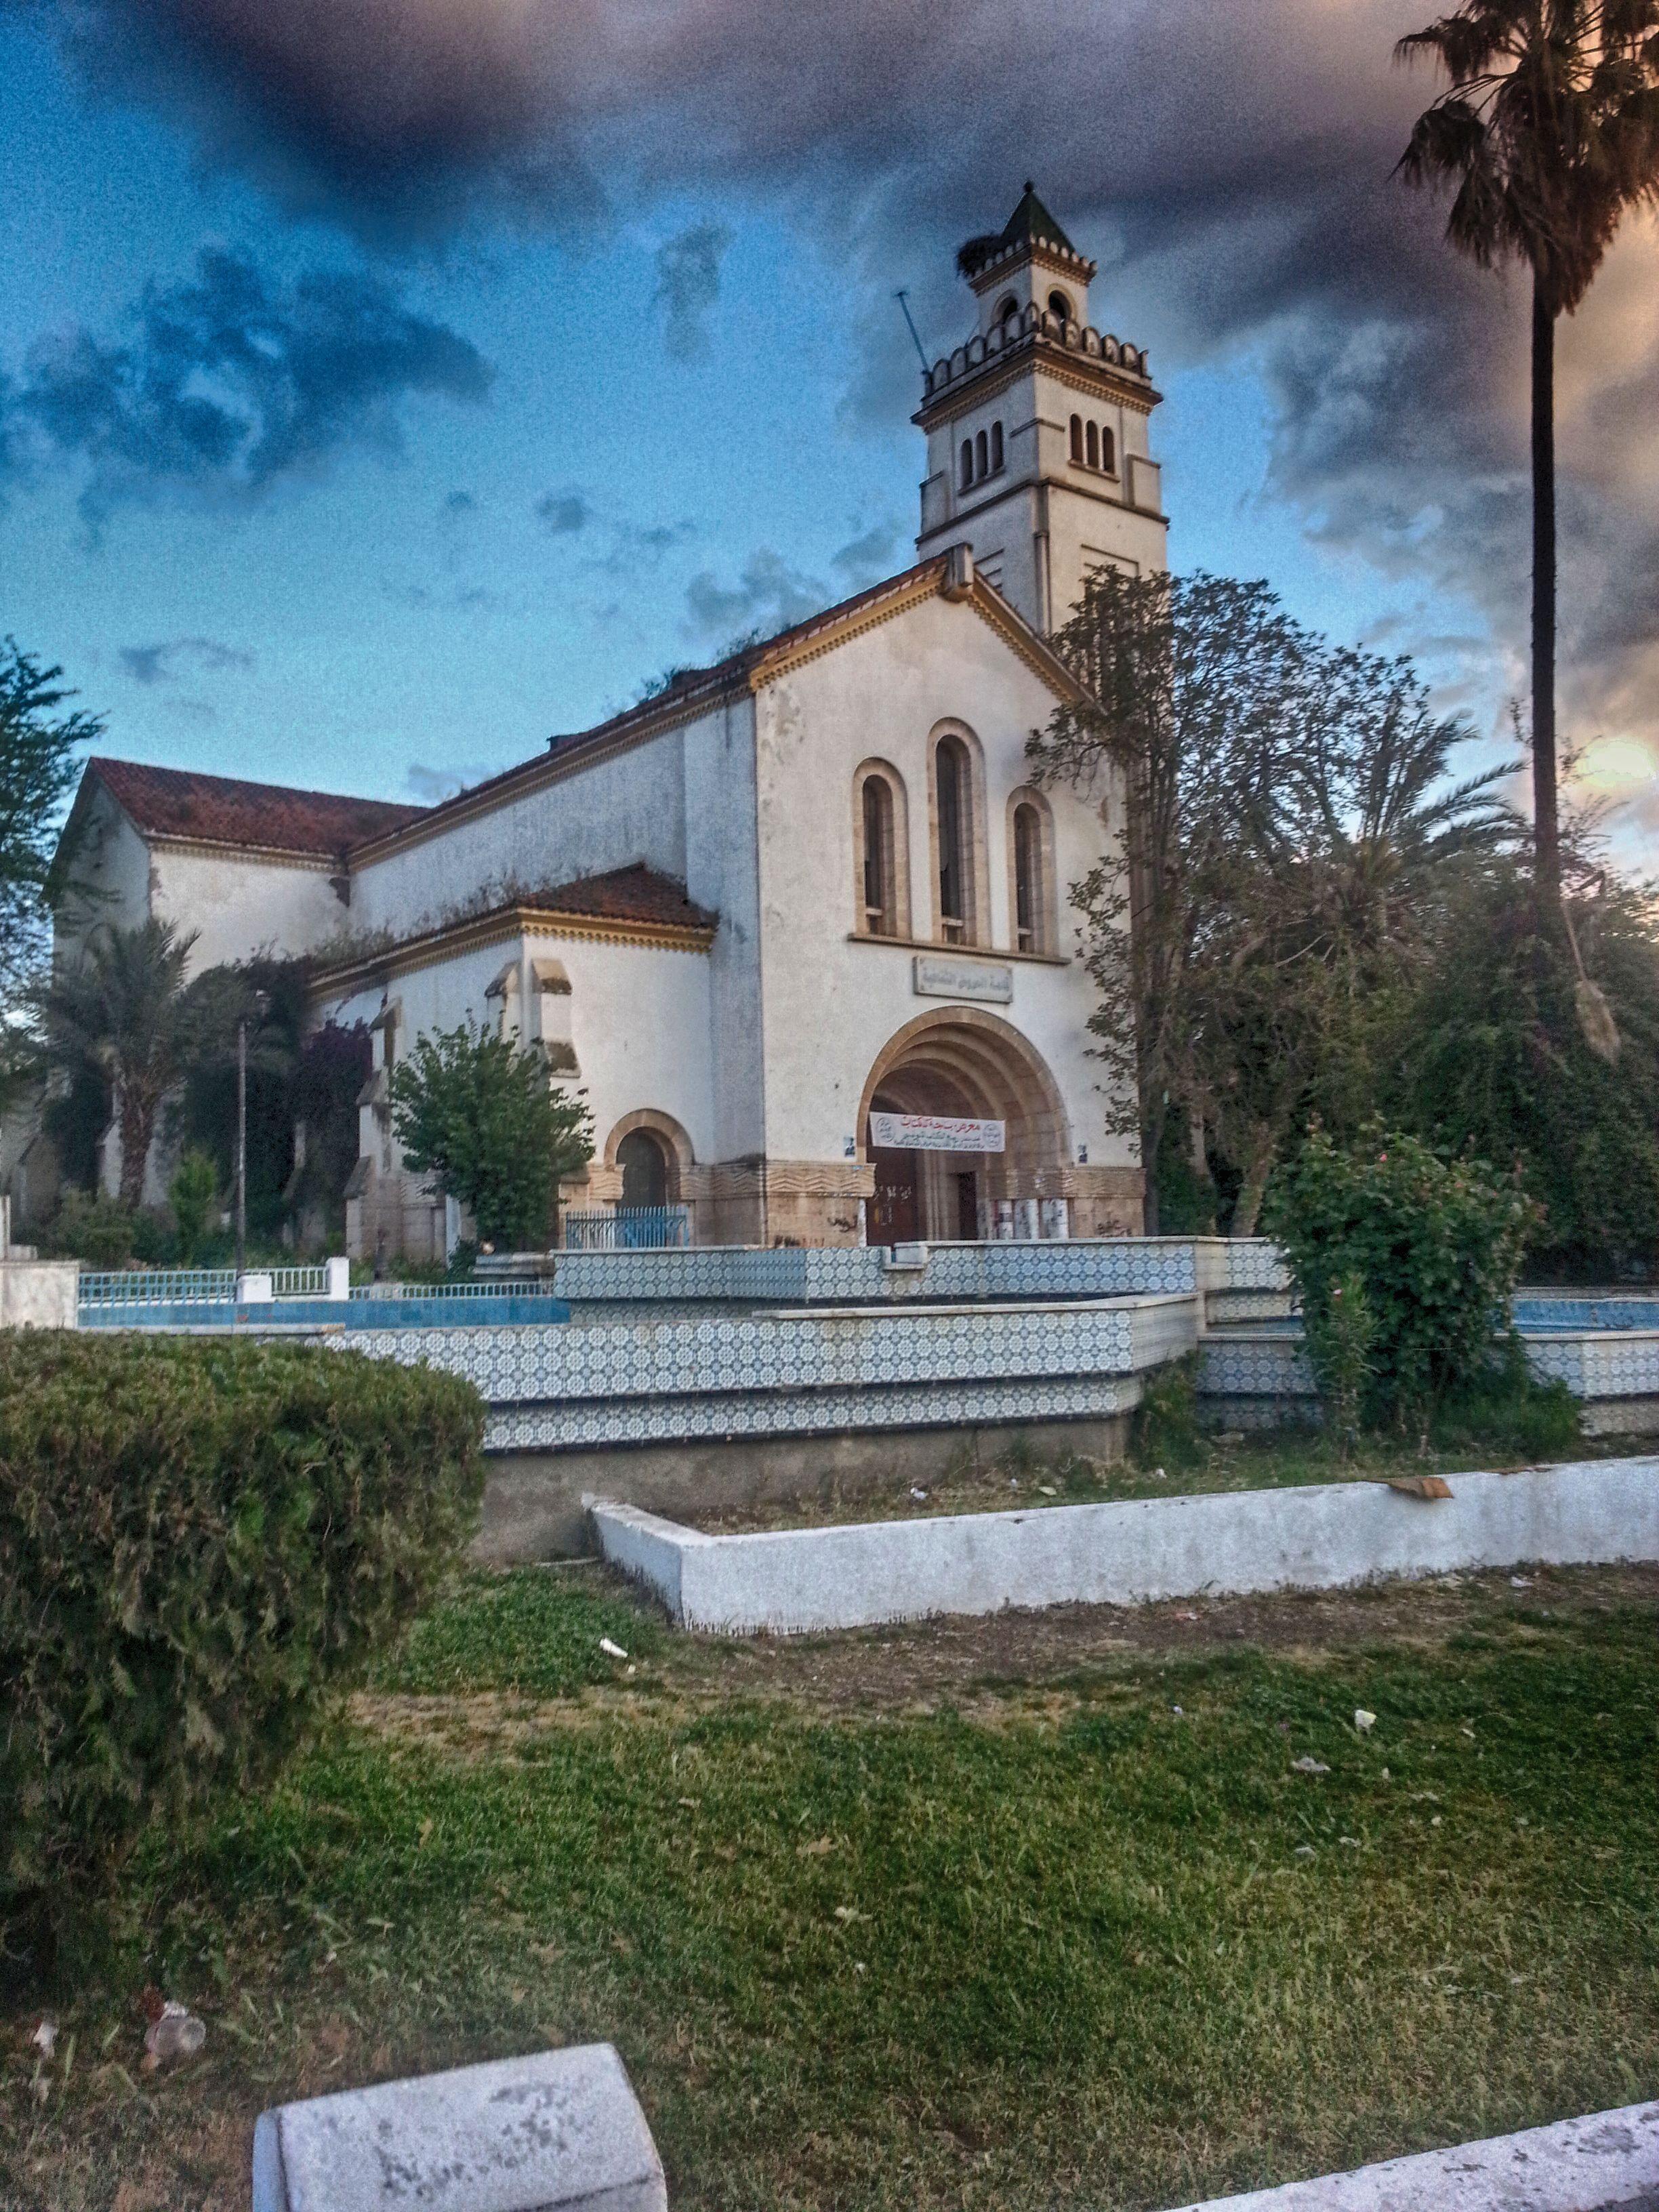 L'ancienne église de Béja est maintenant transformée en librairie.